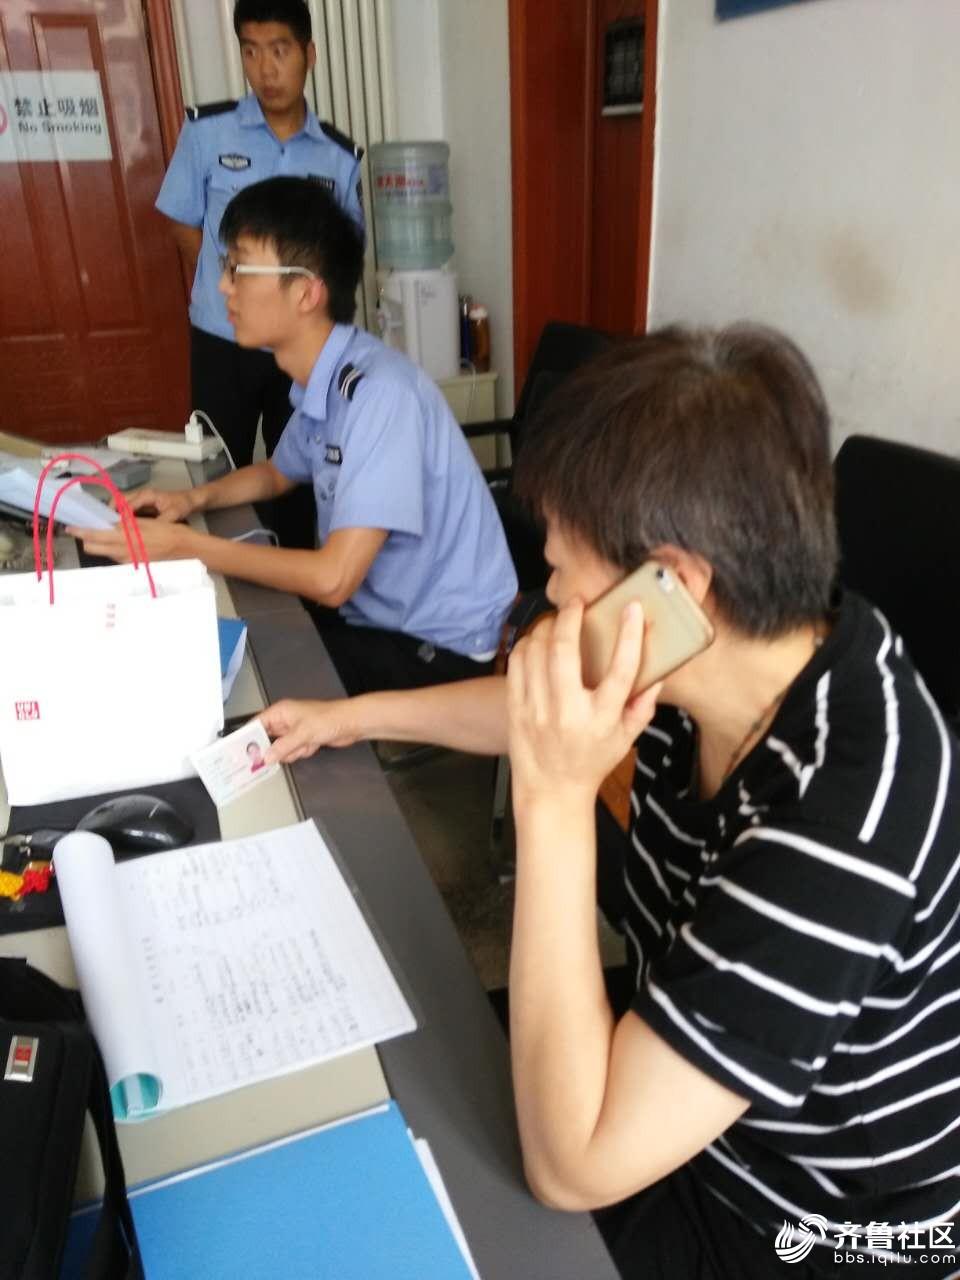 山东省临沂市站前派出所警察无视国家法律,无视公民人权,胡作非为